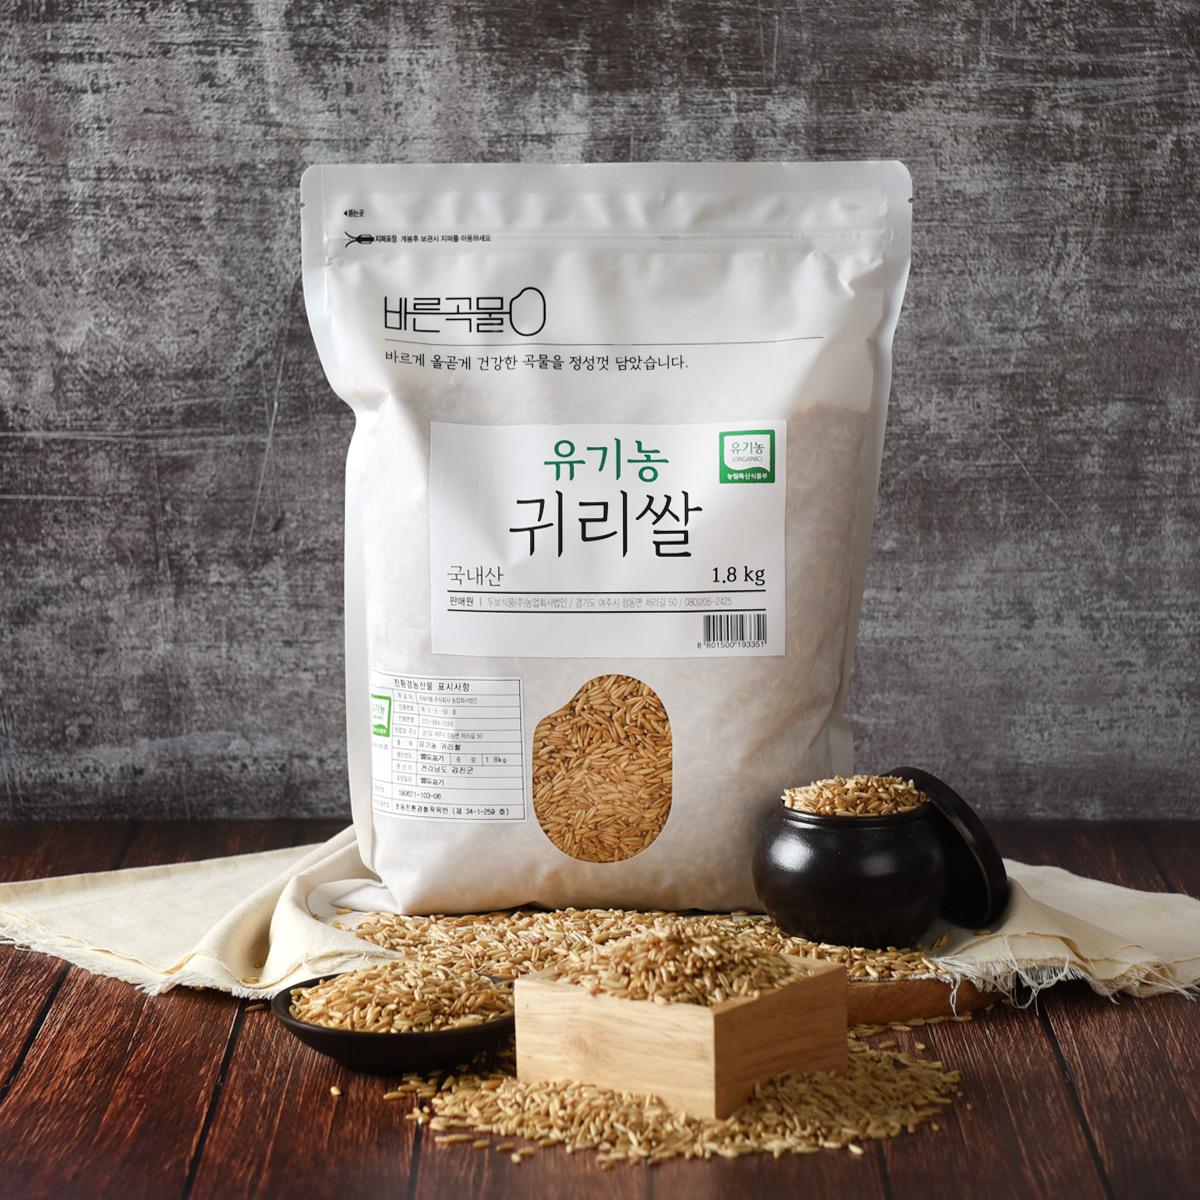 바른곡물 국산 유기농 귀리쌀, 1.8kg, 1개